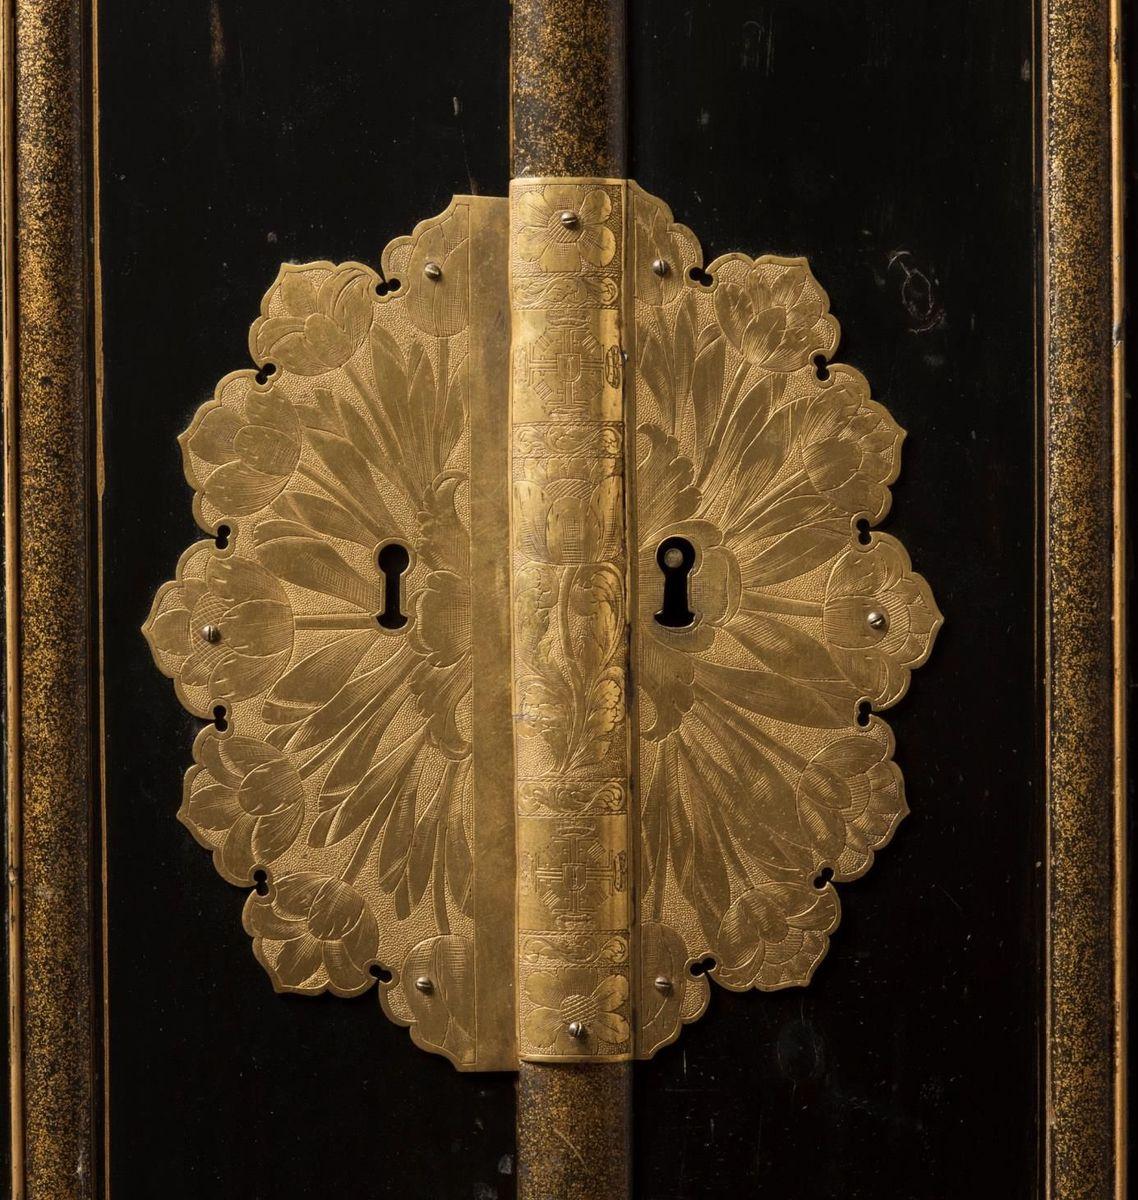 Detail vom Münzschrank: zentraler Beschlag mit Chrysanthemen und zweifachem Radmonogramm (auf der Schlagleiste) © Staatliche Museen zu Berlin, Kunstgewerbemuseum; Foto: Tomasz Samek, Münster